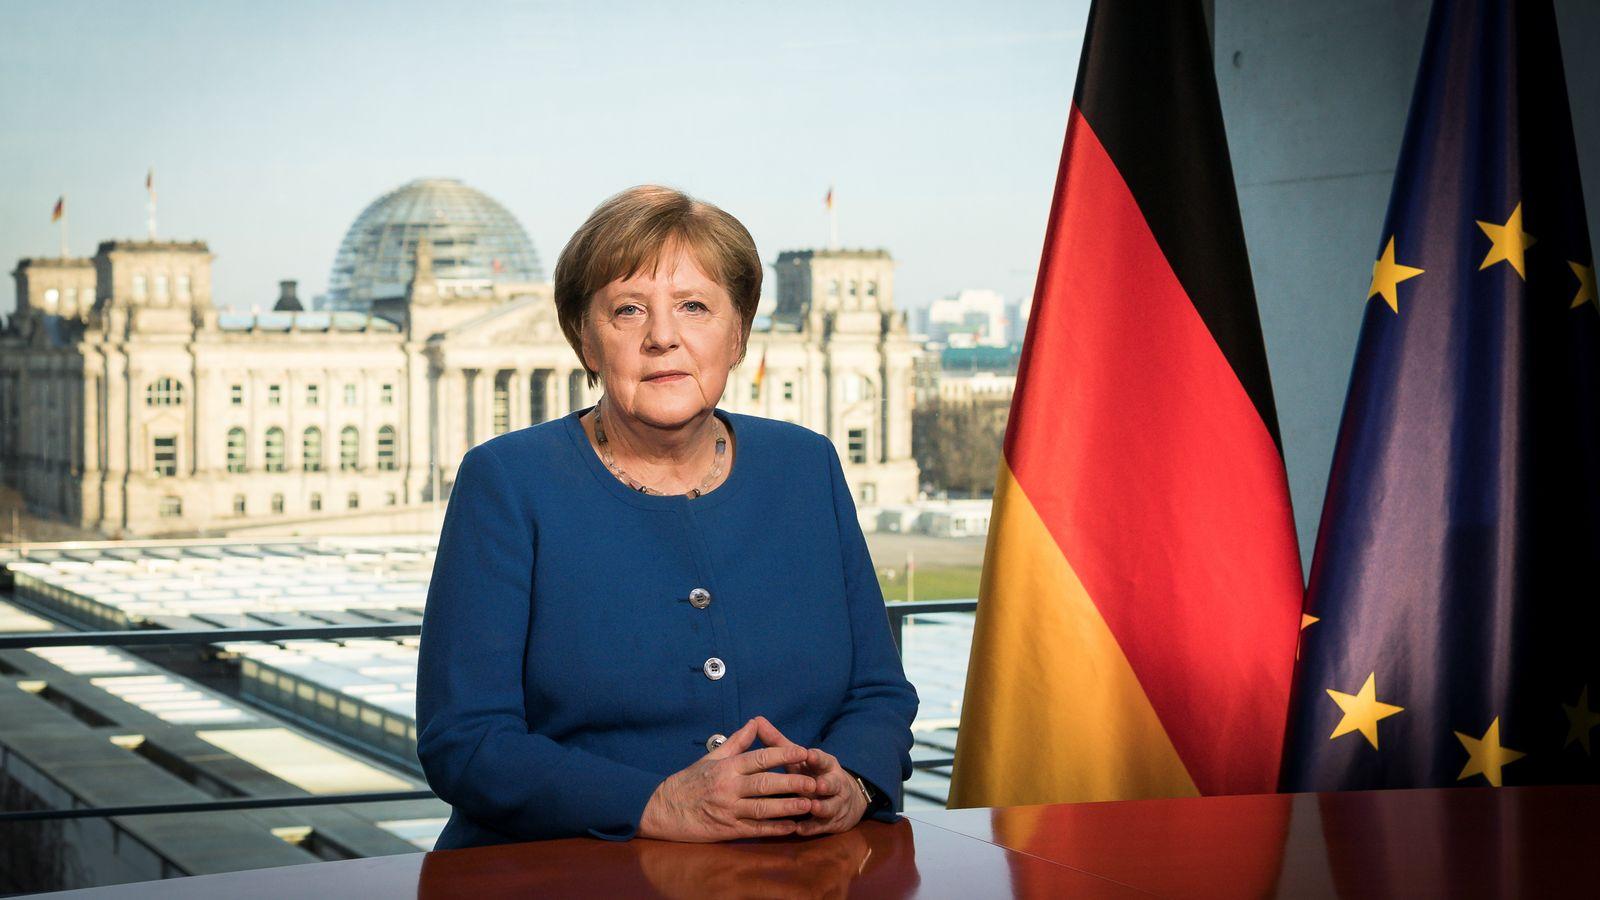 El Euribor se dispara y la culpa es de la Merkel 1